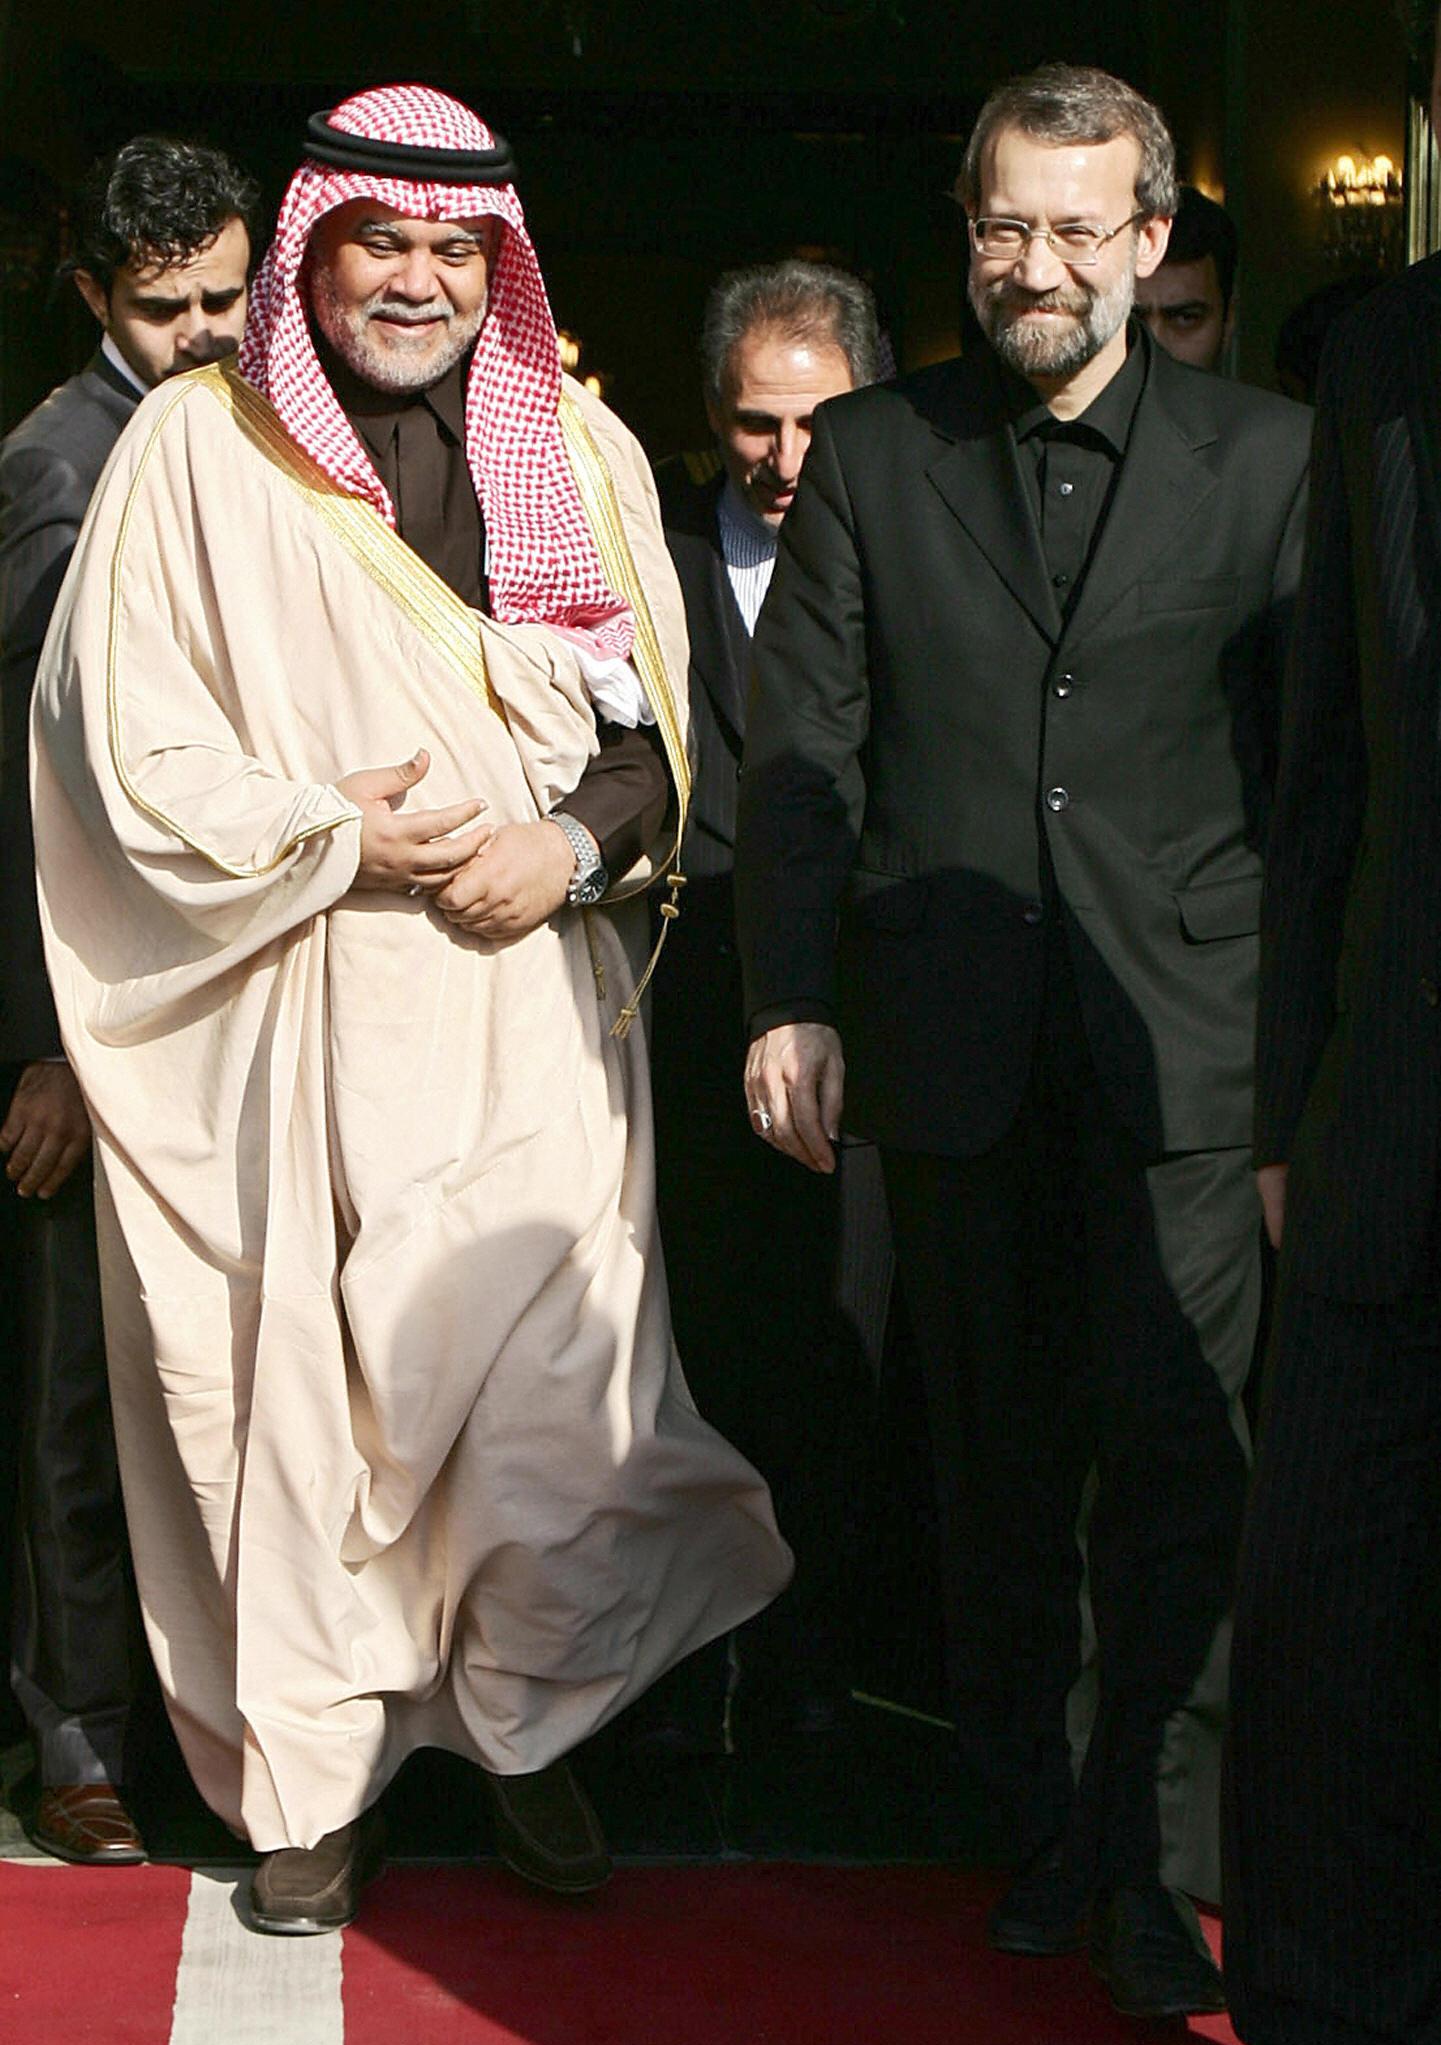 روایت خواندنی شاهزاده عربستانی از دیدار با رهبر انقلاب